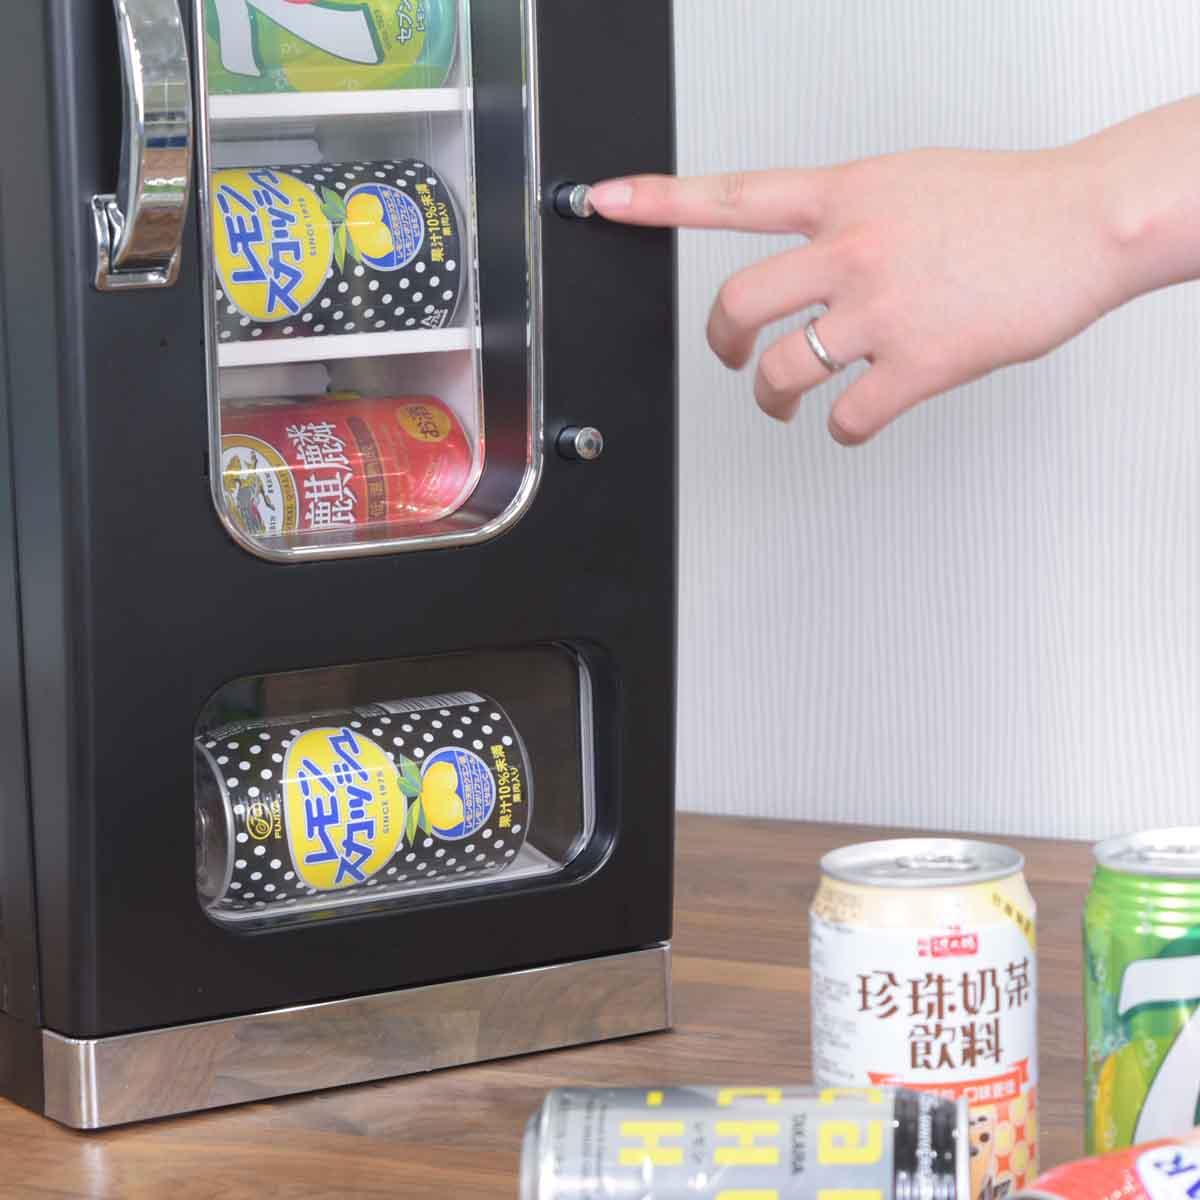 自分だけの自販機を作れる! サンコー「俺の自販機」は意外とアリ